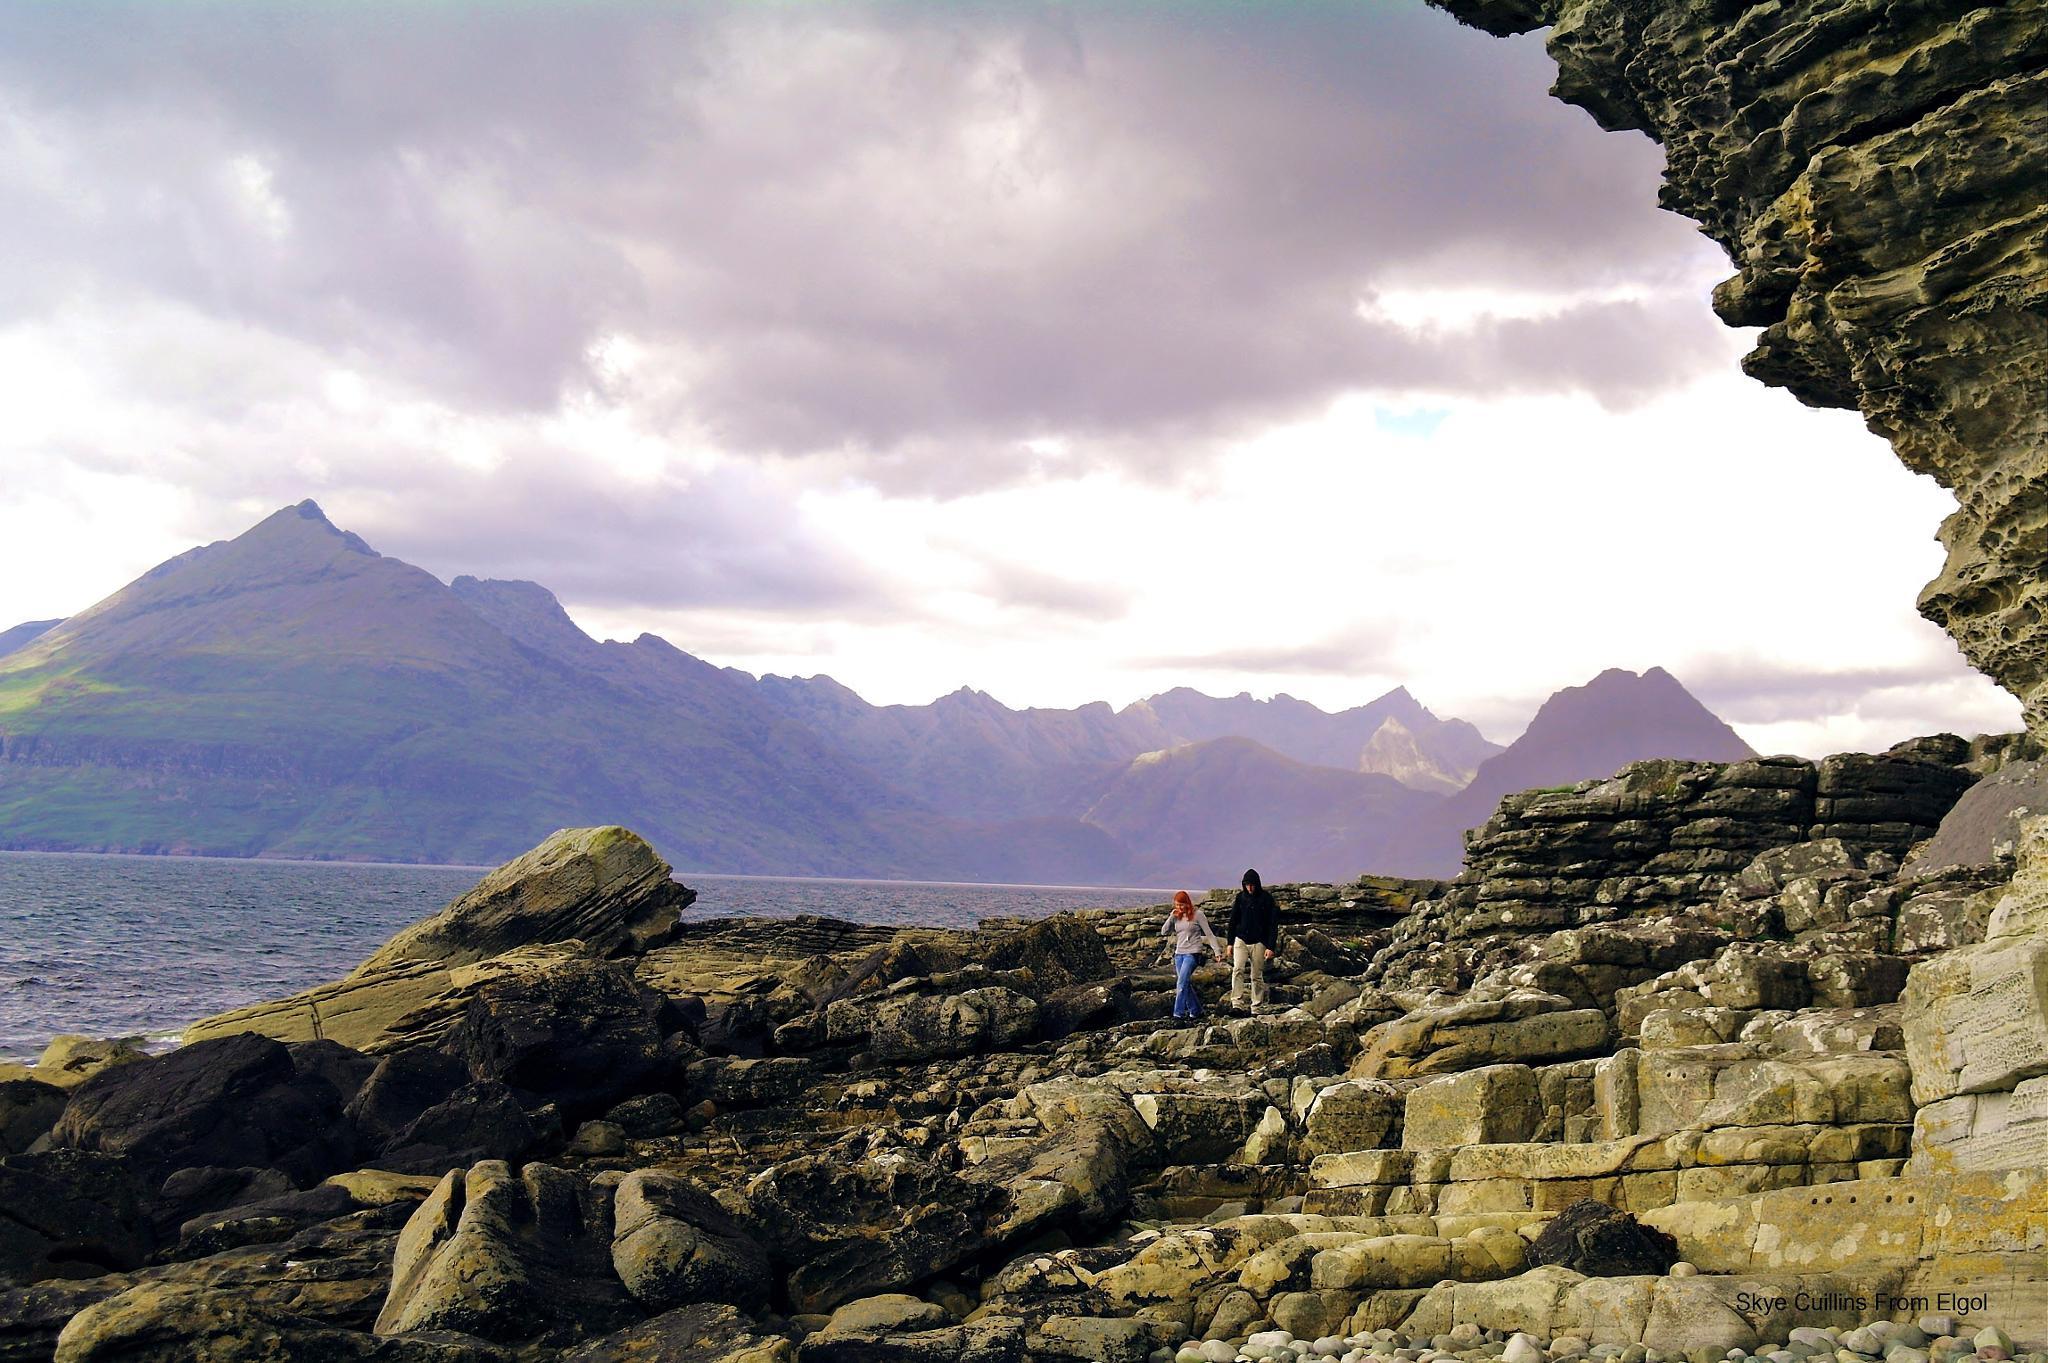 Elgol Isle of Skye by georgeporteous